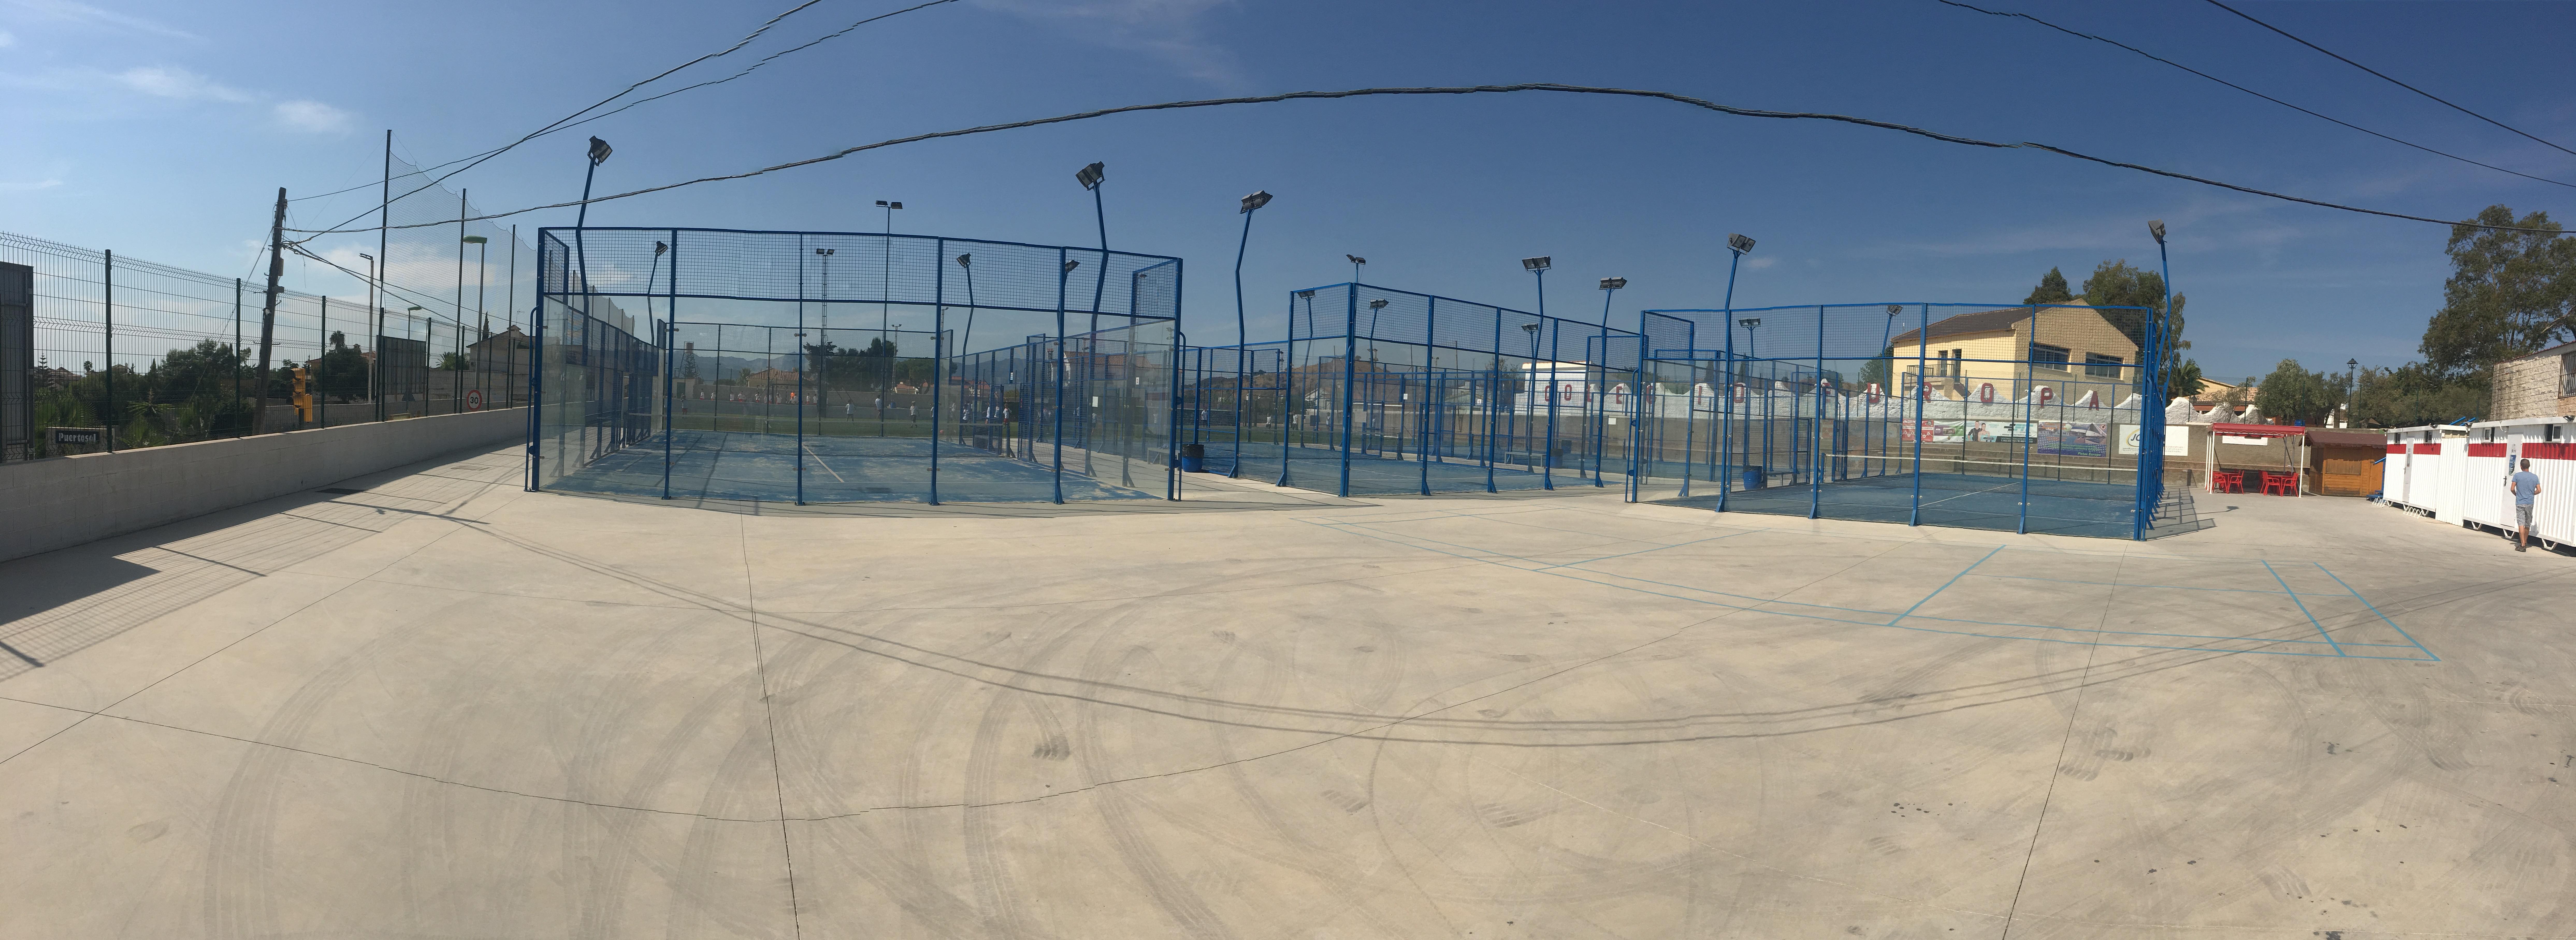 Pistas de Padel, Tenis y Fútbol 7 Colegio Europa